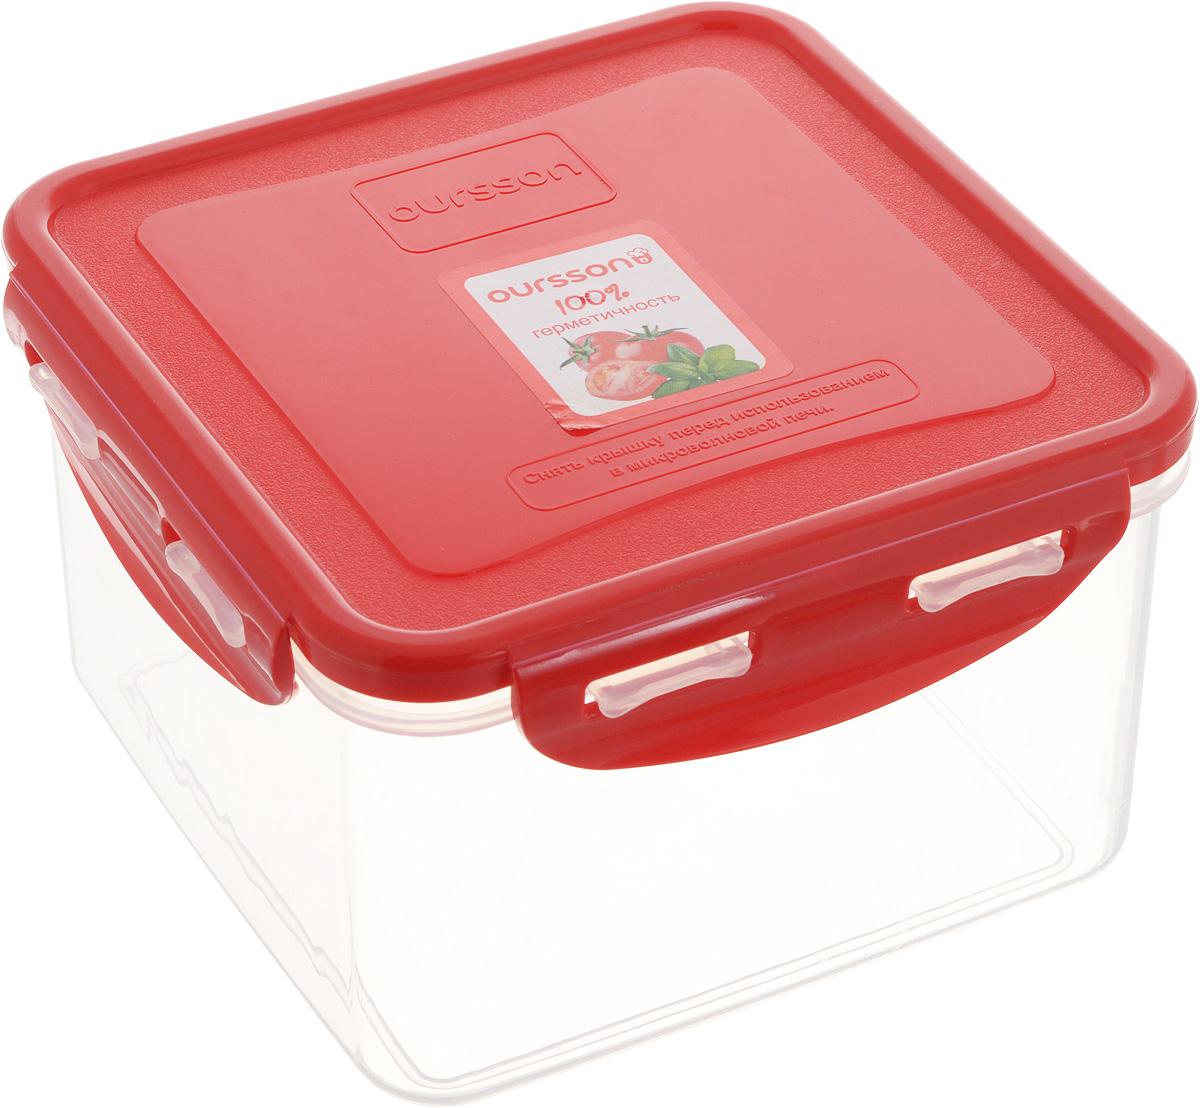 Контейнер пищевой Oursson, квадратный, цвет: красный, 1,25 лCP1303S/RDПрочный и удобный контейнер Oursson изготовлен из высококачественного полипропилена и предназначен для хранения любых пищевых продуктов. Благодаря особым технологиям изготовления, лотки в течение времени службы не меняют цвет и не пропитываются запахами. Крышка с силиконовой вставкой герметично защелкивается специальным механизмом. Контейнер удобен для ежедневного использования в быту. Можно мыть в посудомоечной машине и использовать в микроволновой печи.Размер контейнера (с учетом крышки): 14,5 х 14,5 х 9 см.